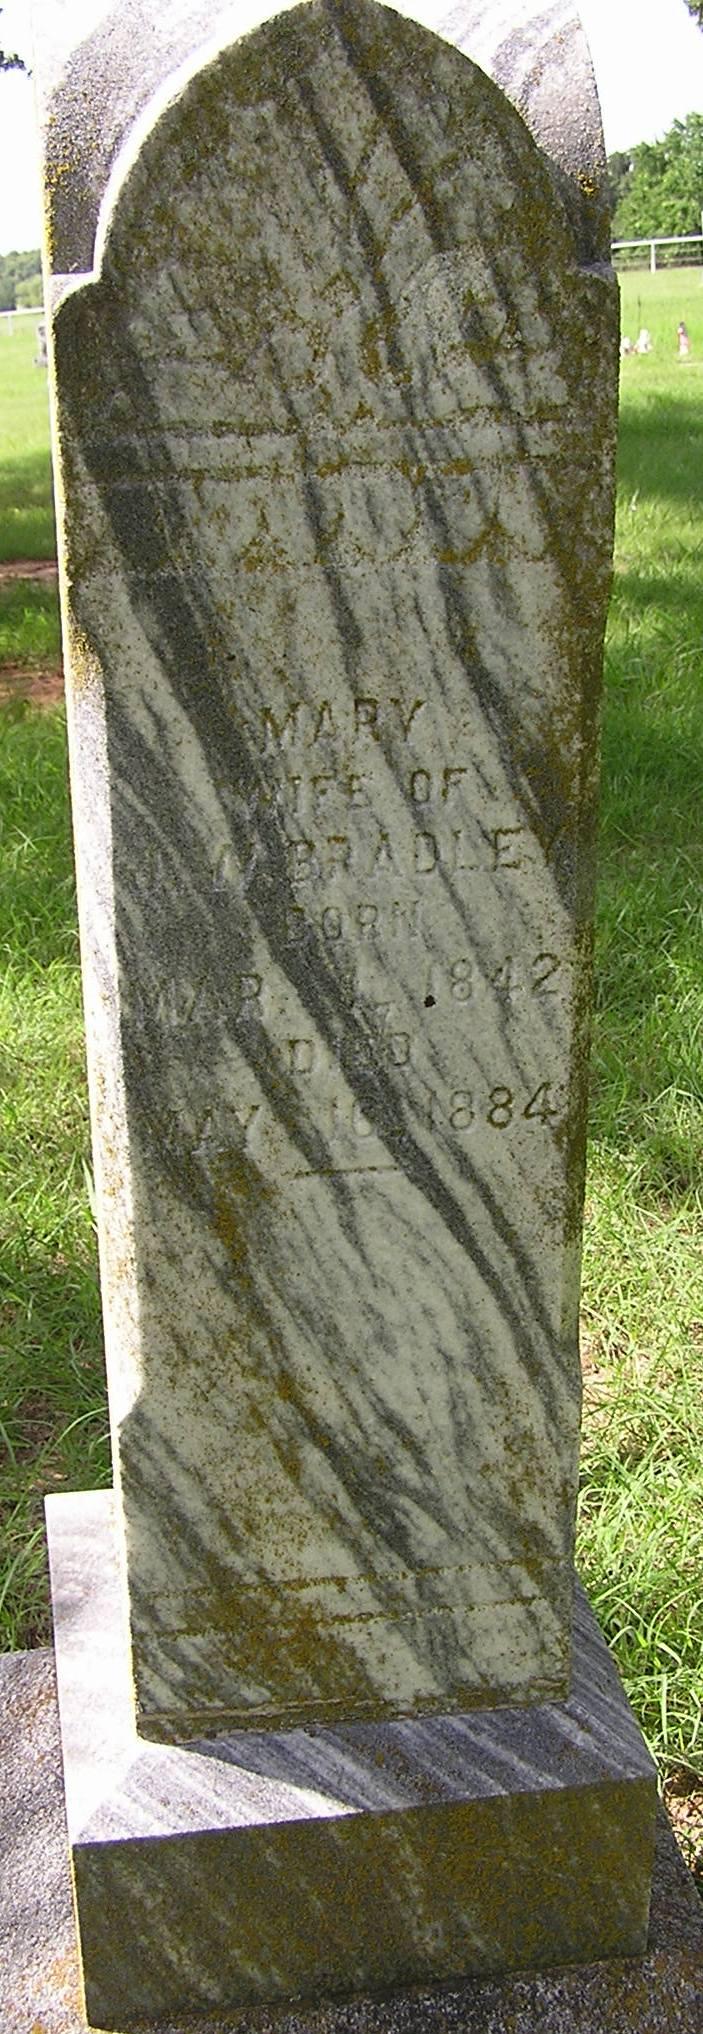 Mary Elizabeth Bostick